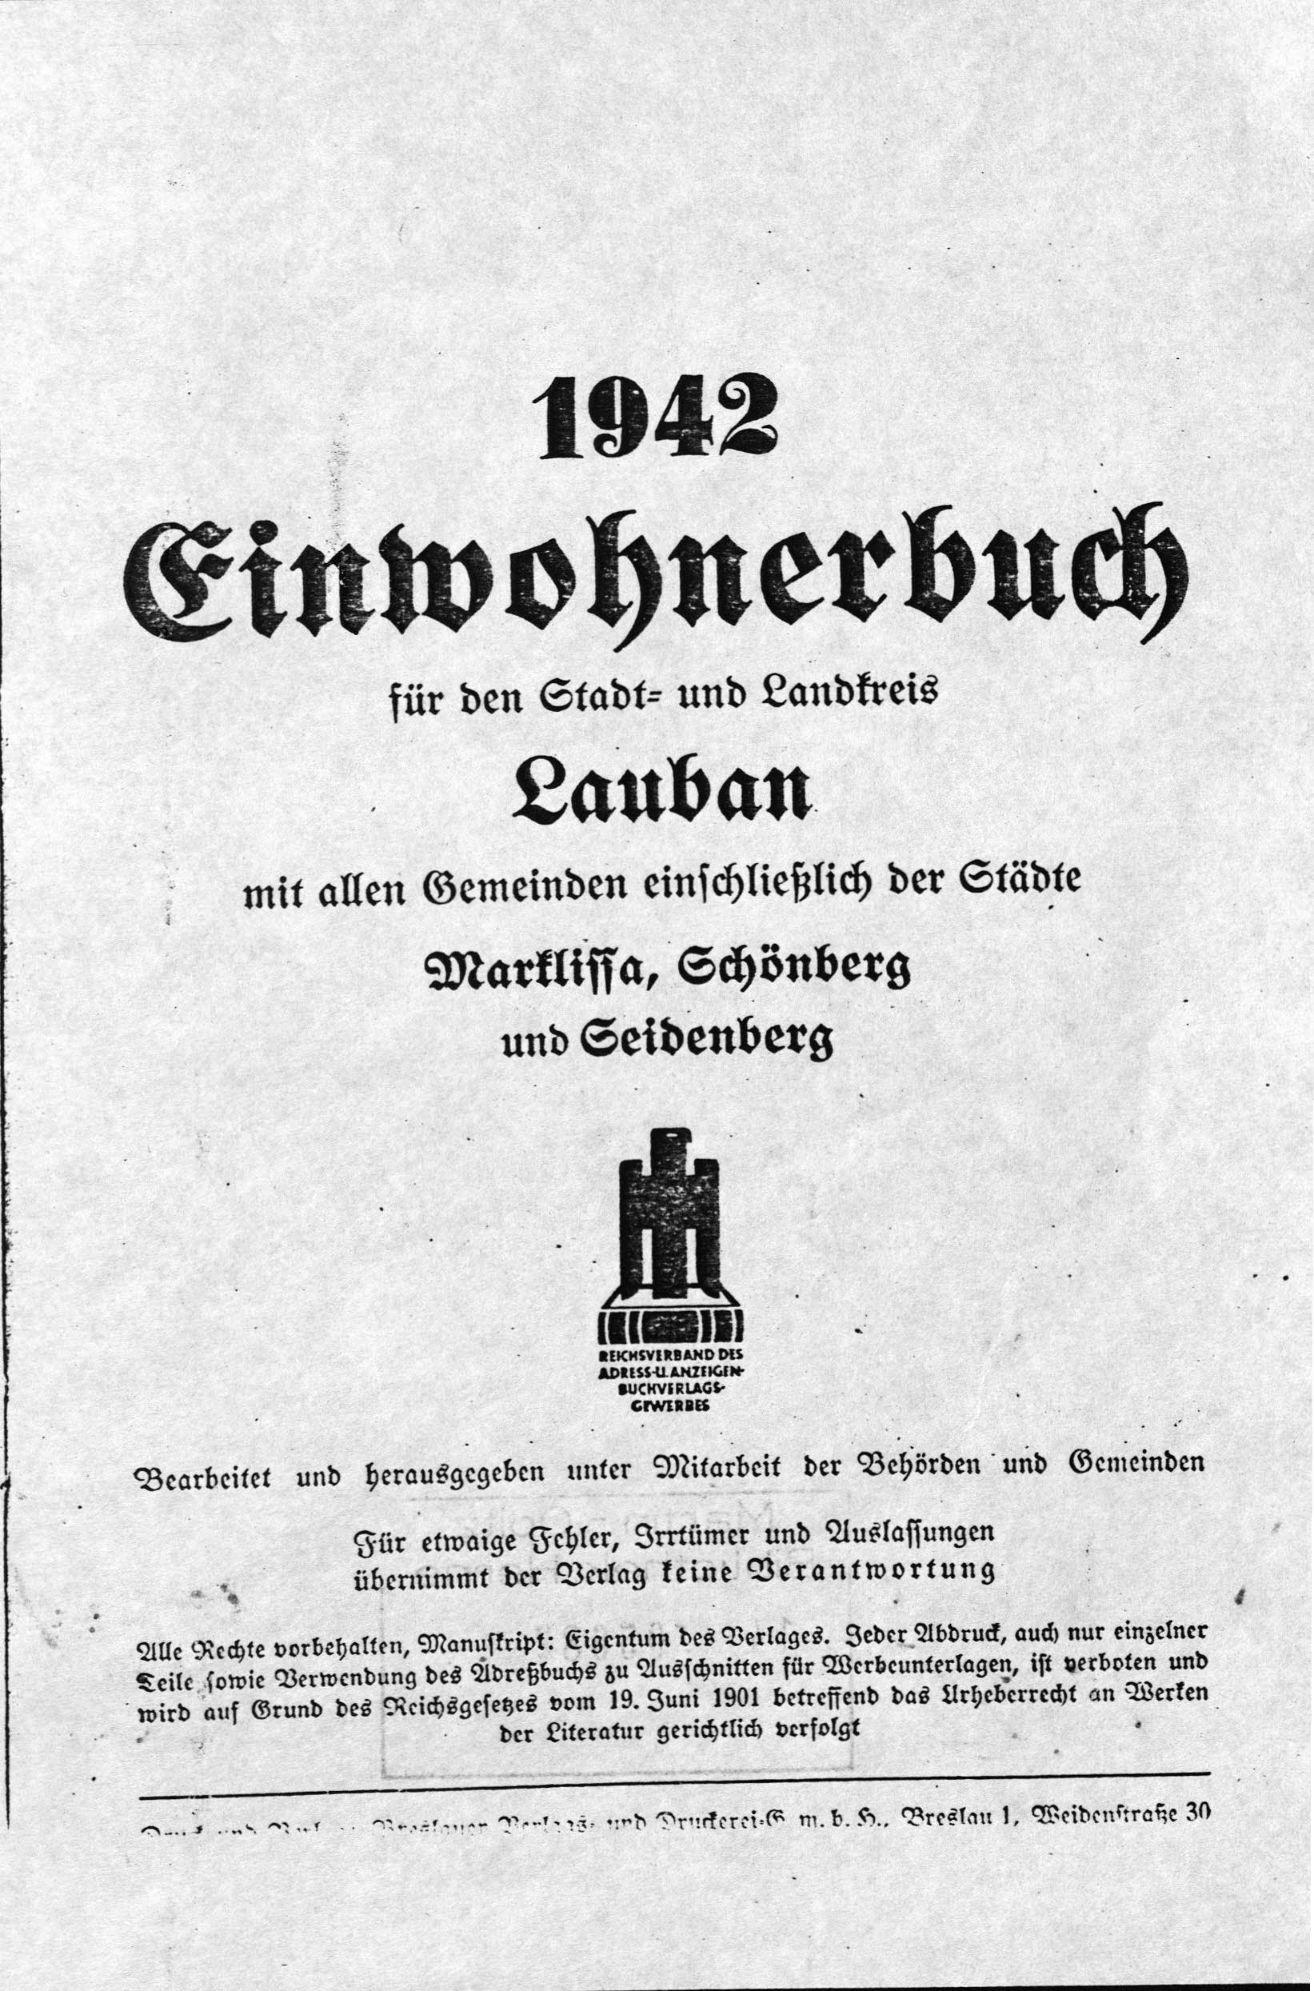 Einwohnerbuch für den Stadt- und Landkreis Lauban 1942